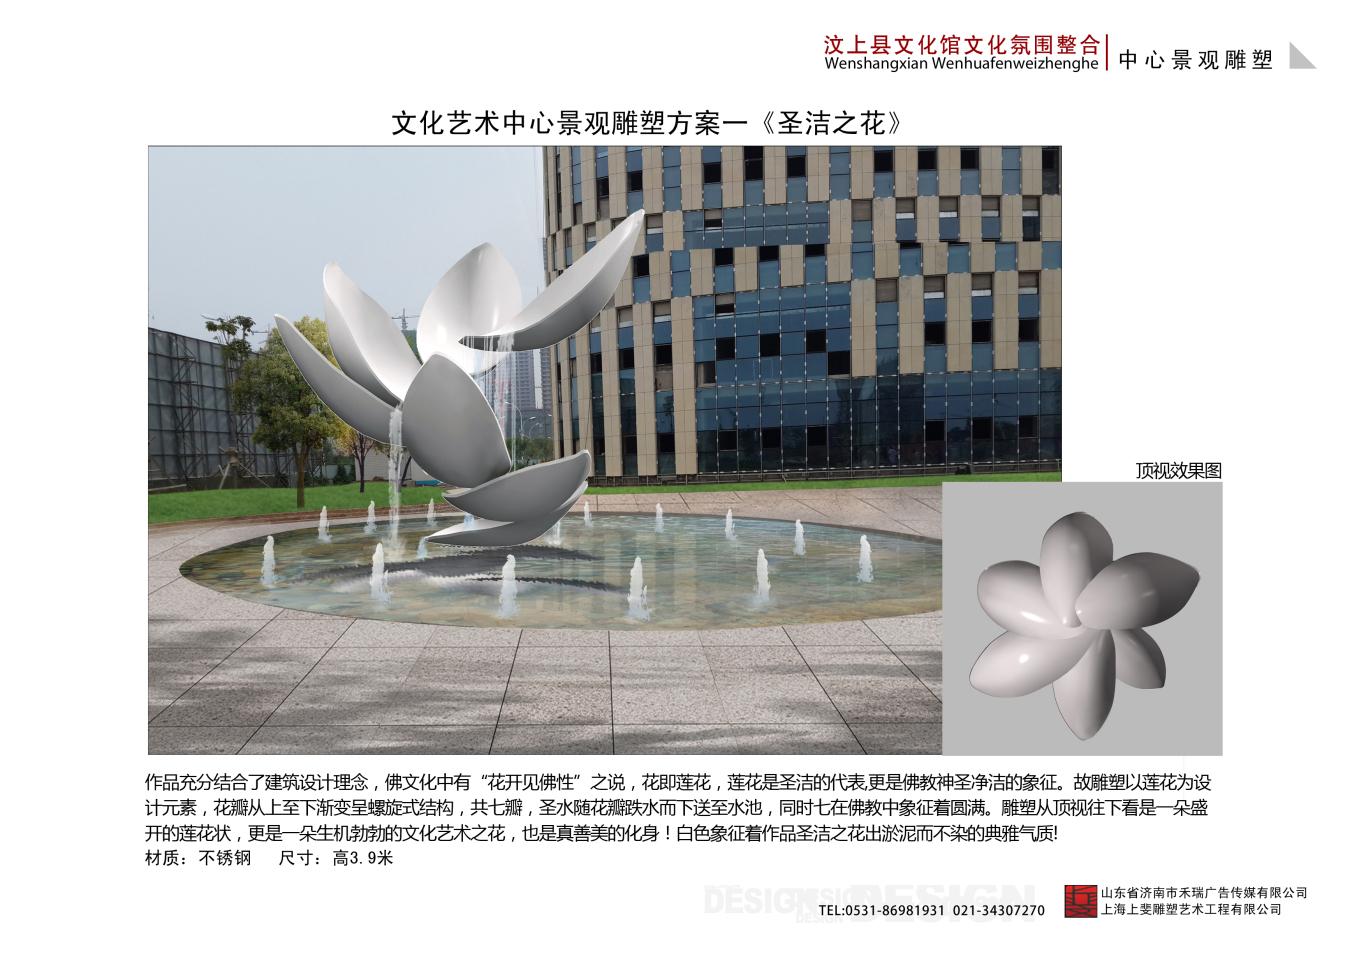 文化艺术中心图26